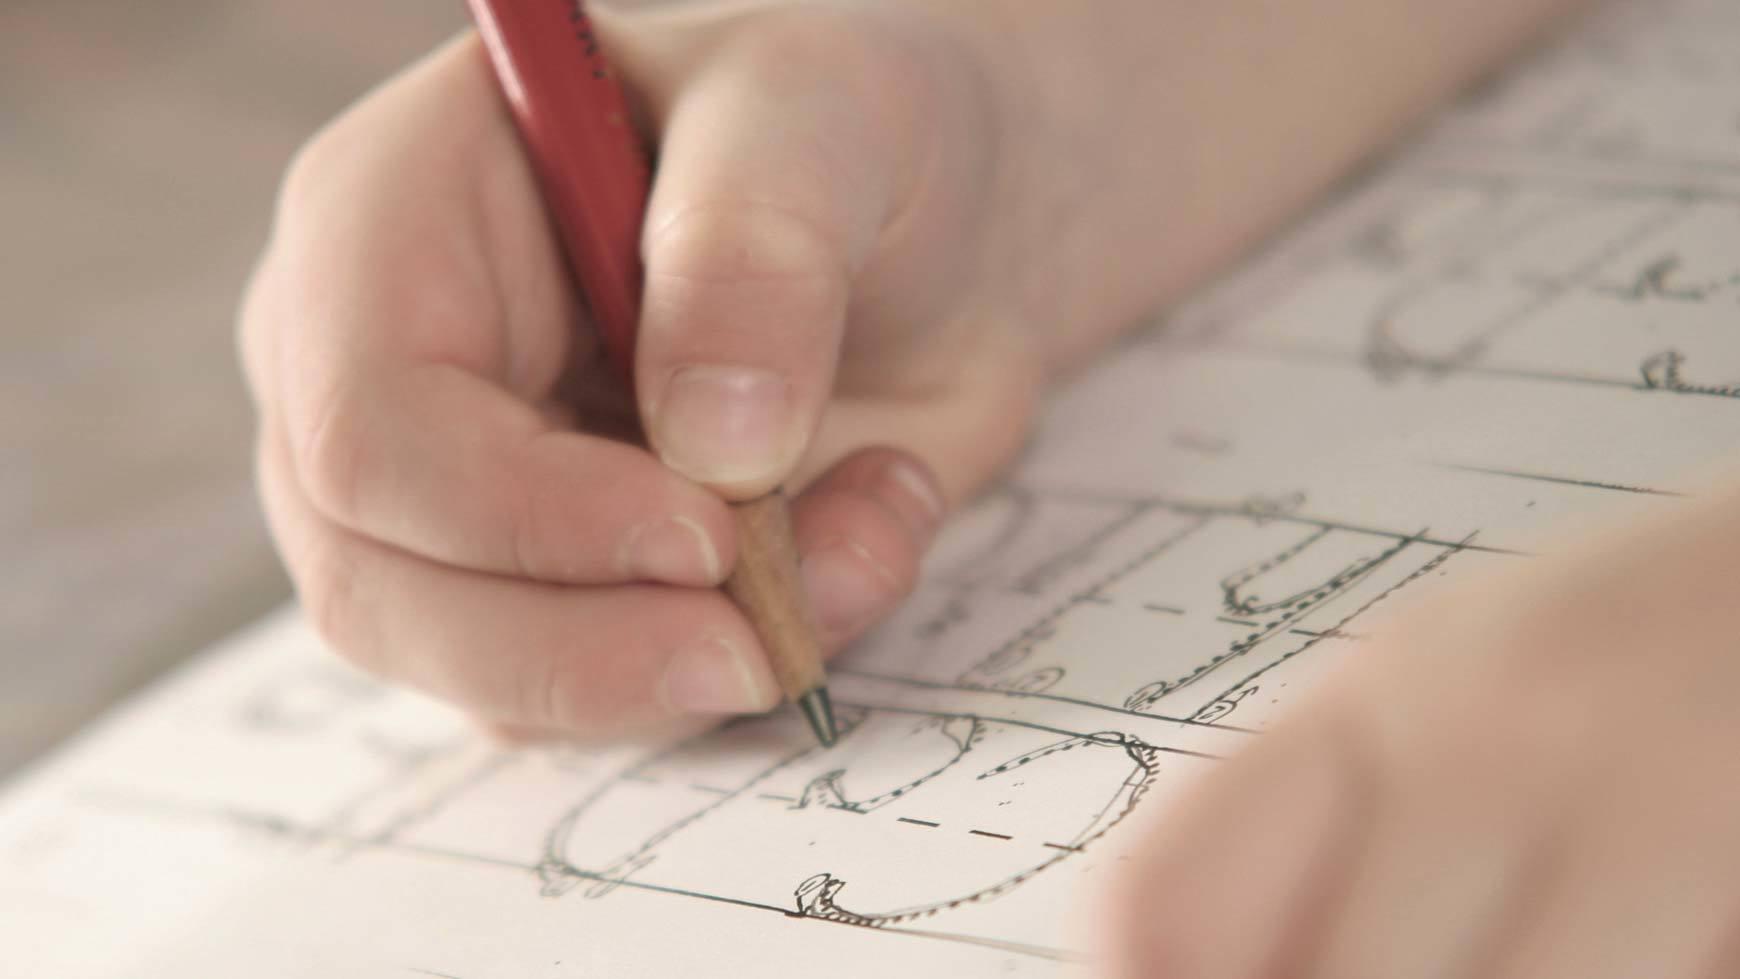 adhd handwriting analysis